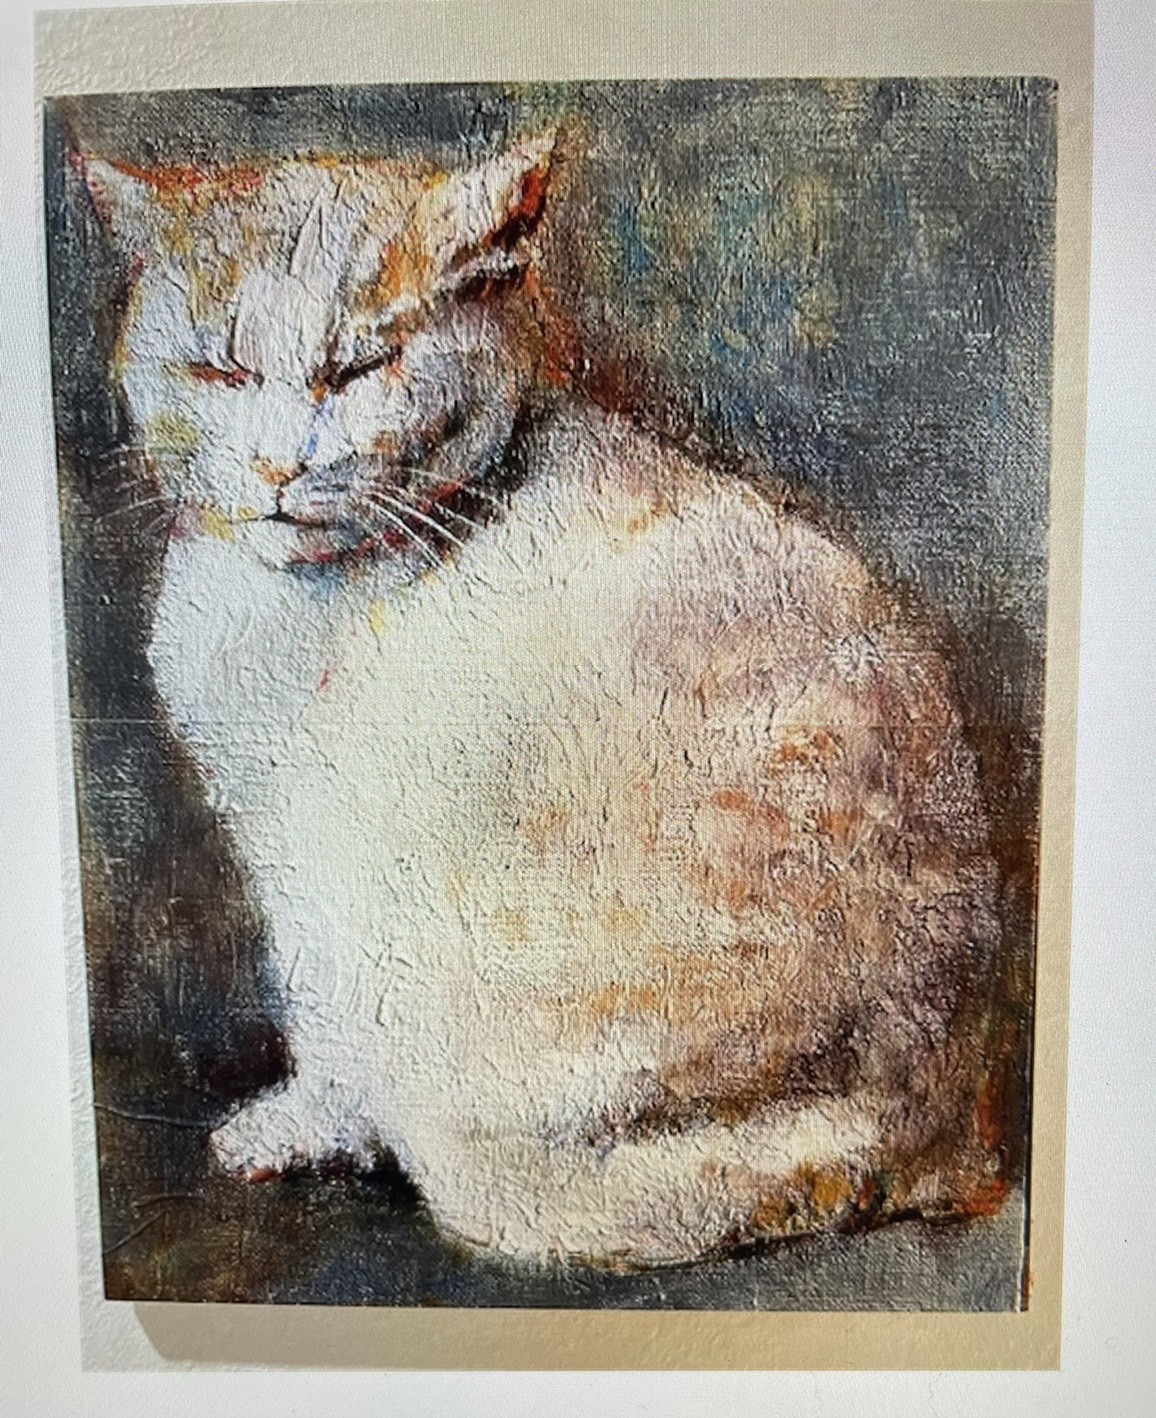 9月の出来事と猫の写真